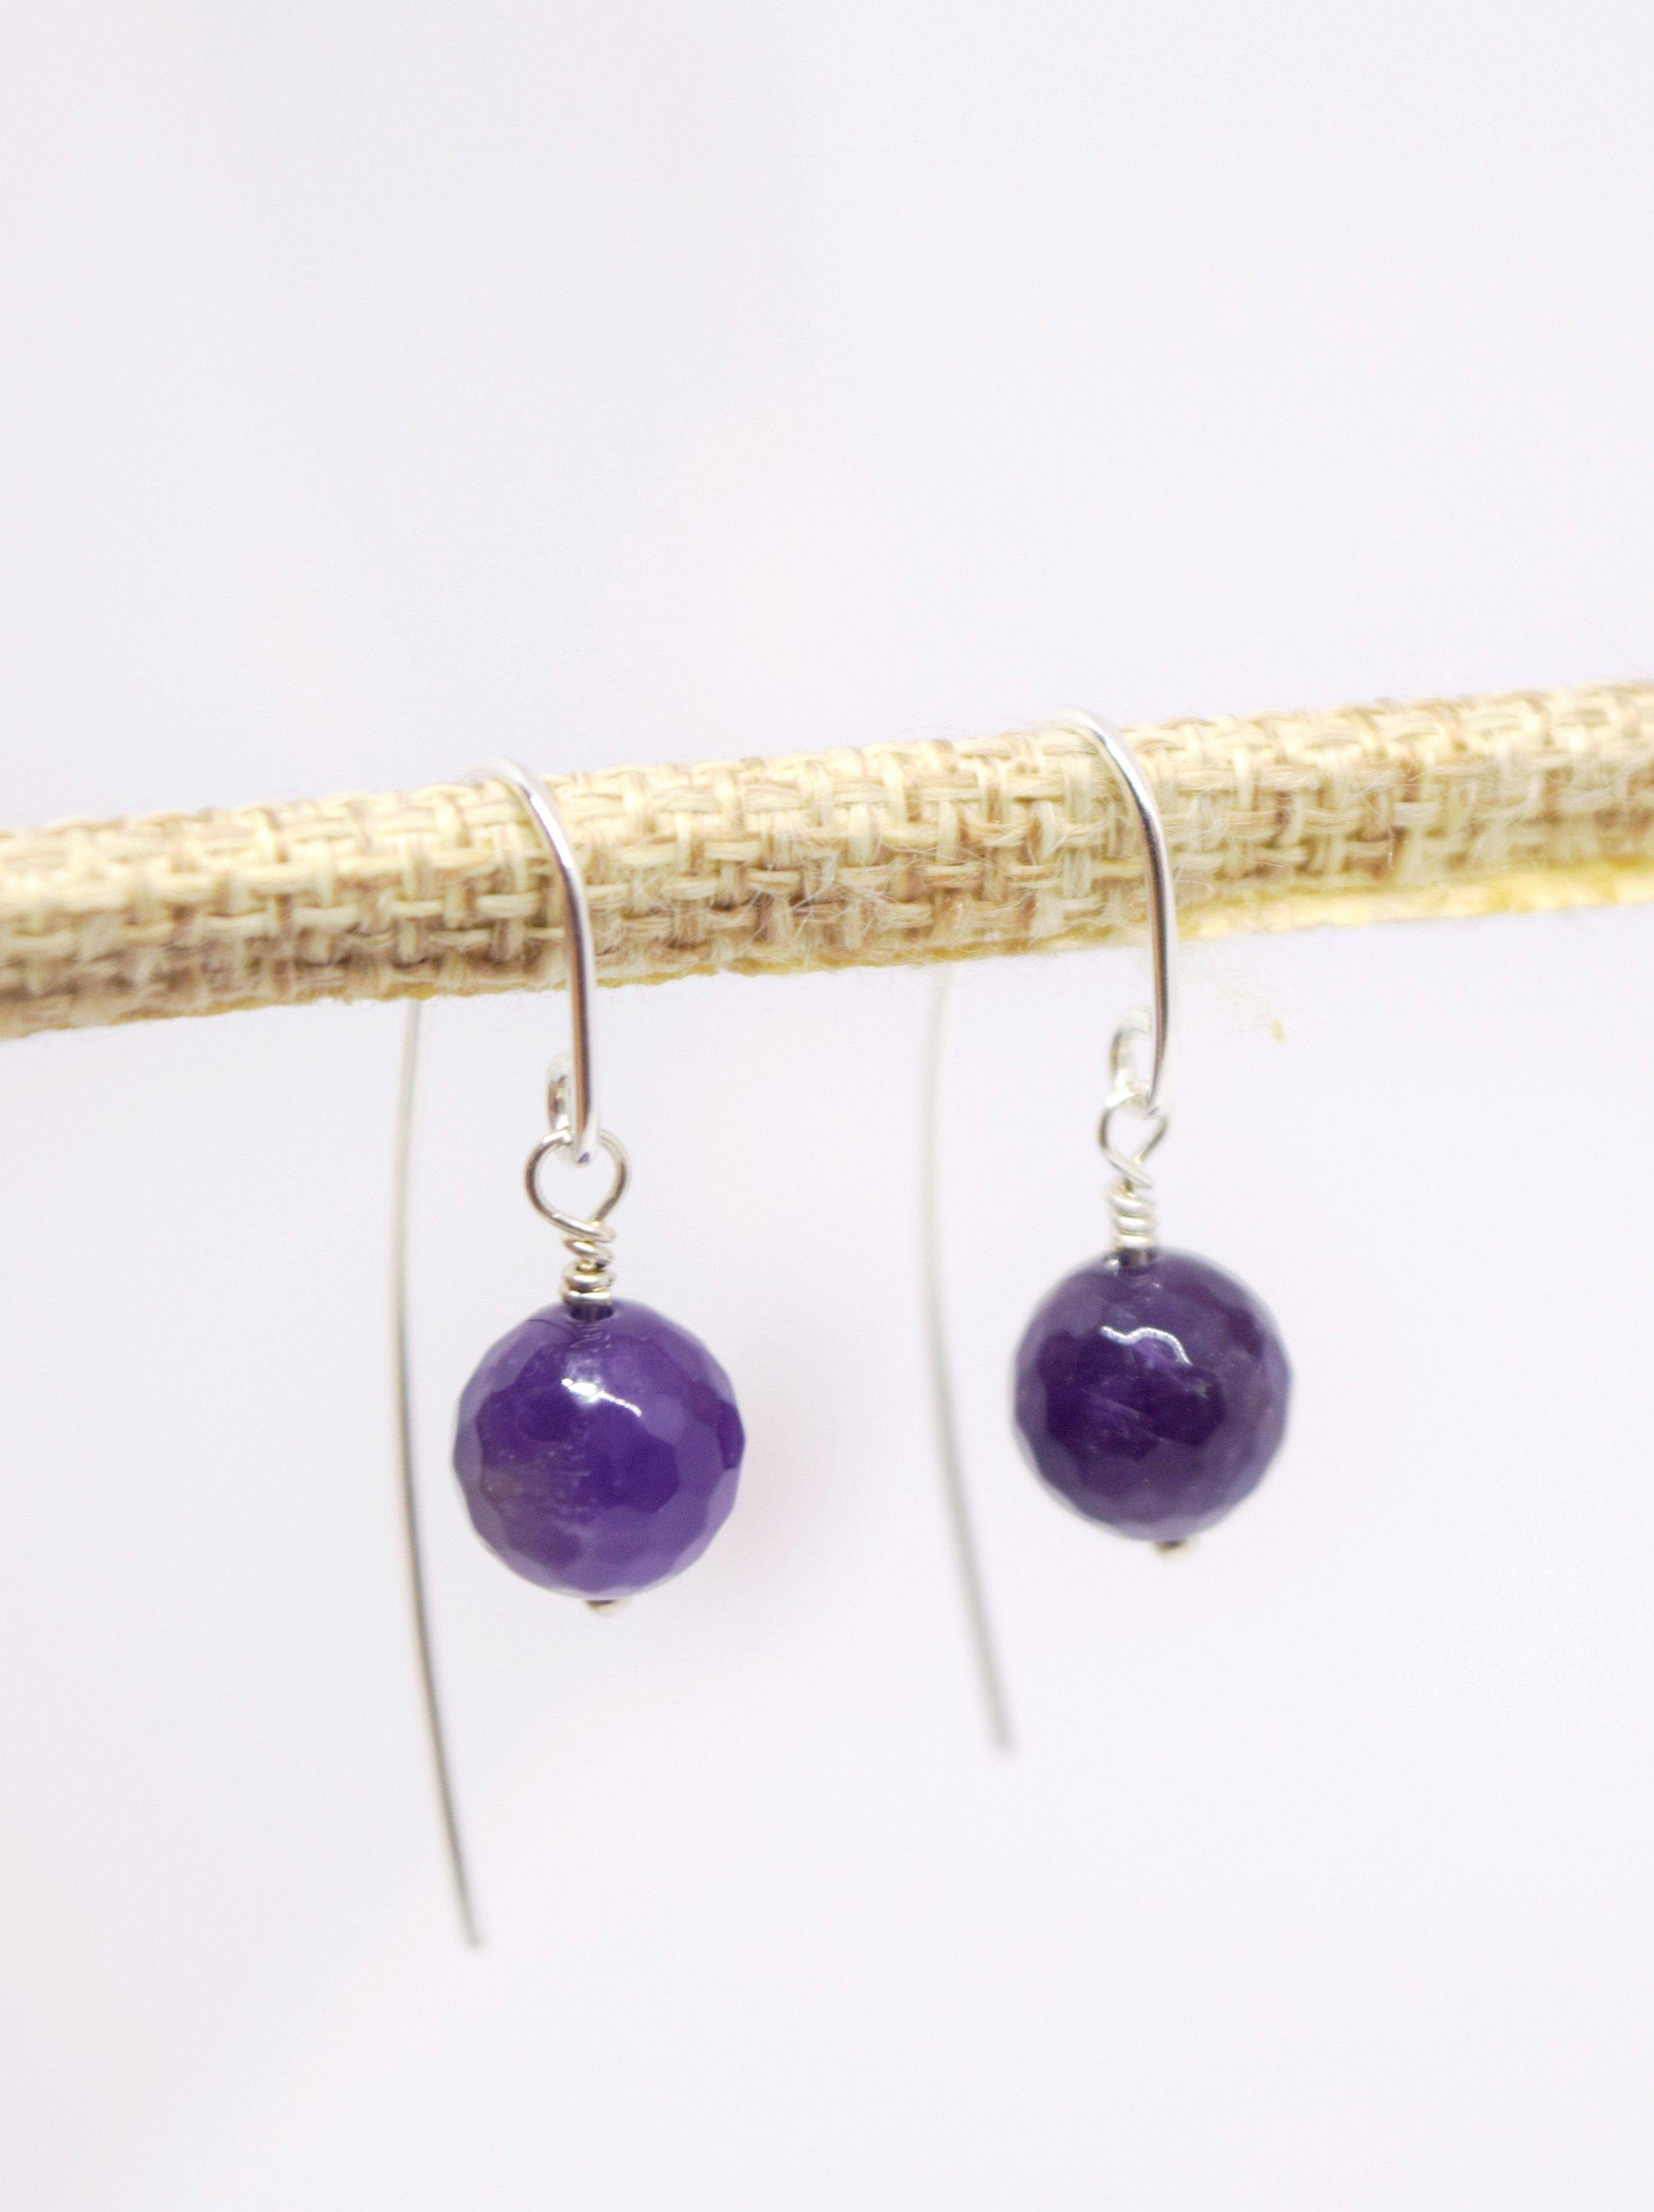 14k Gold Over 925 Sterling Silver Natural Briolette Lavender Amethyst Earrings